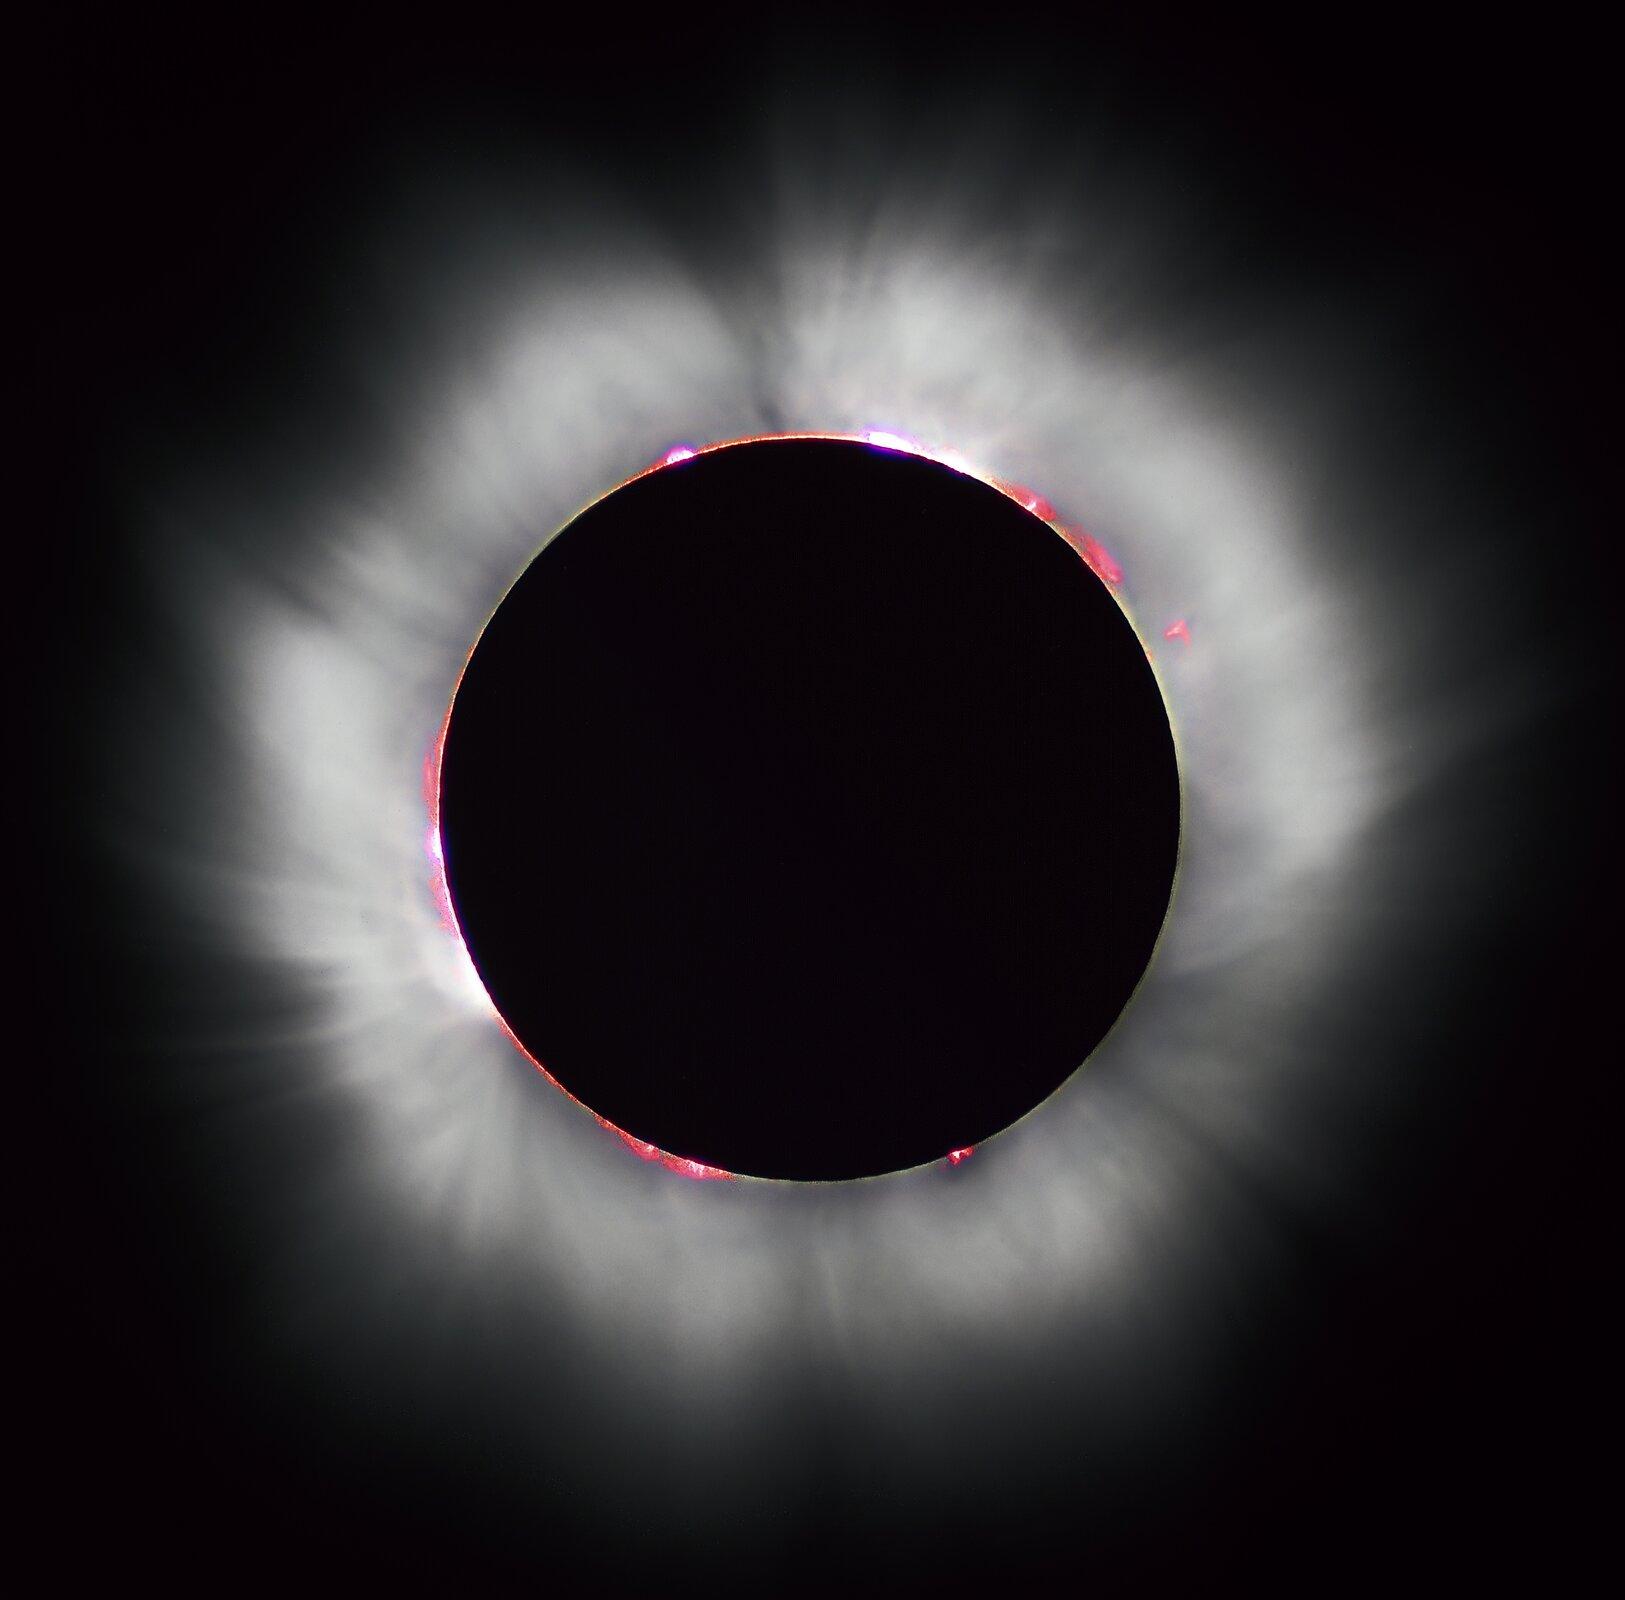 Zdjęcie przedstawia koronę słoneczną. Całe tło zdjęcia jest czarne. Wcentralnej części zdjęcia znajduje się czarne koło. Obręcz koła jest widoczna. Wokół krawędzi koła rozchodzą się świecące gazy. Gazy tworzą świetlisty obłok wokół koła. Obłok jest półprzeźroczysty. Gdzieniegdzie wokół krawędzi koła znajdują się czerwone plamy.